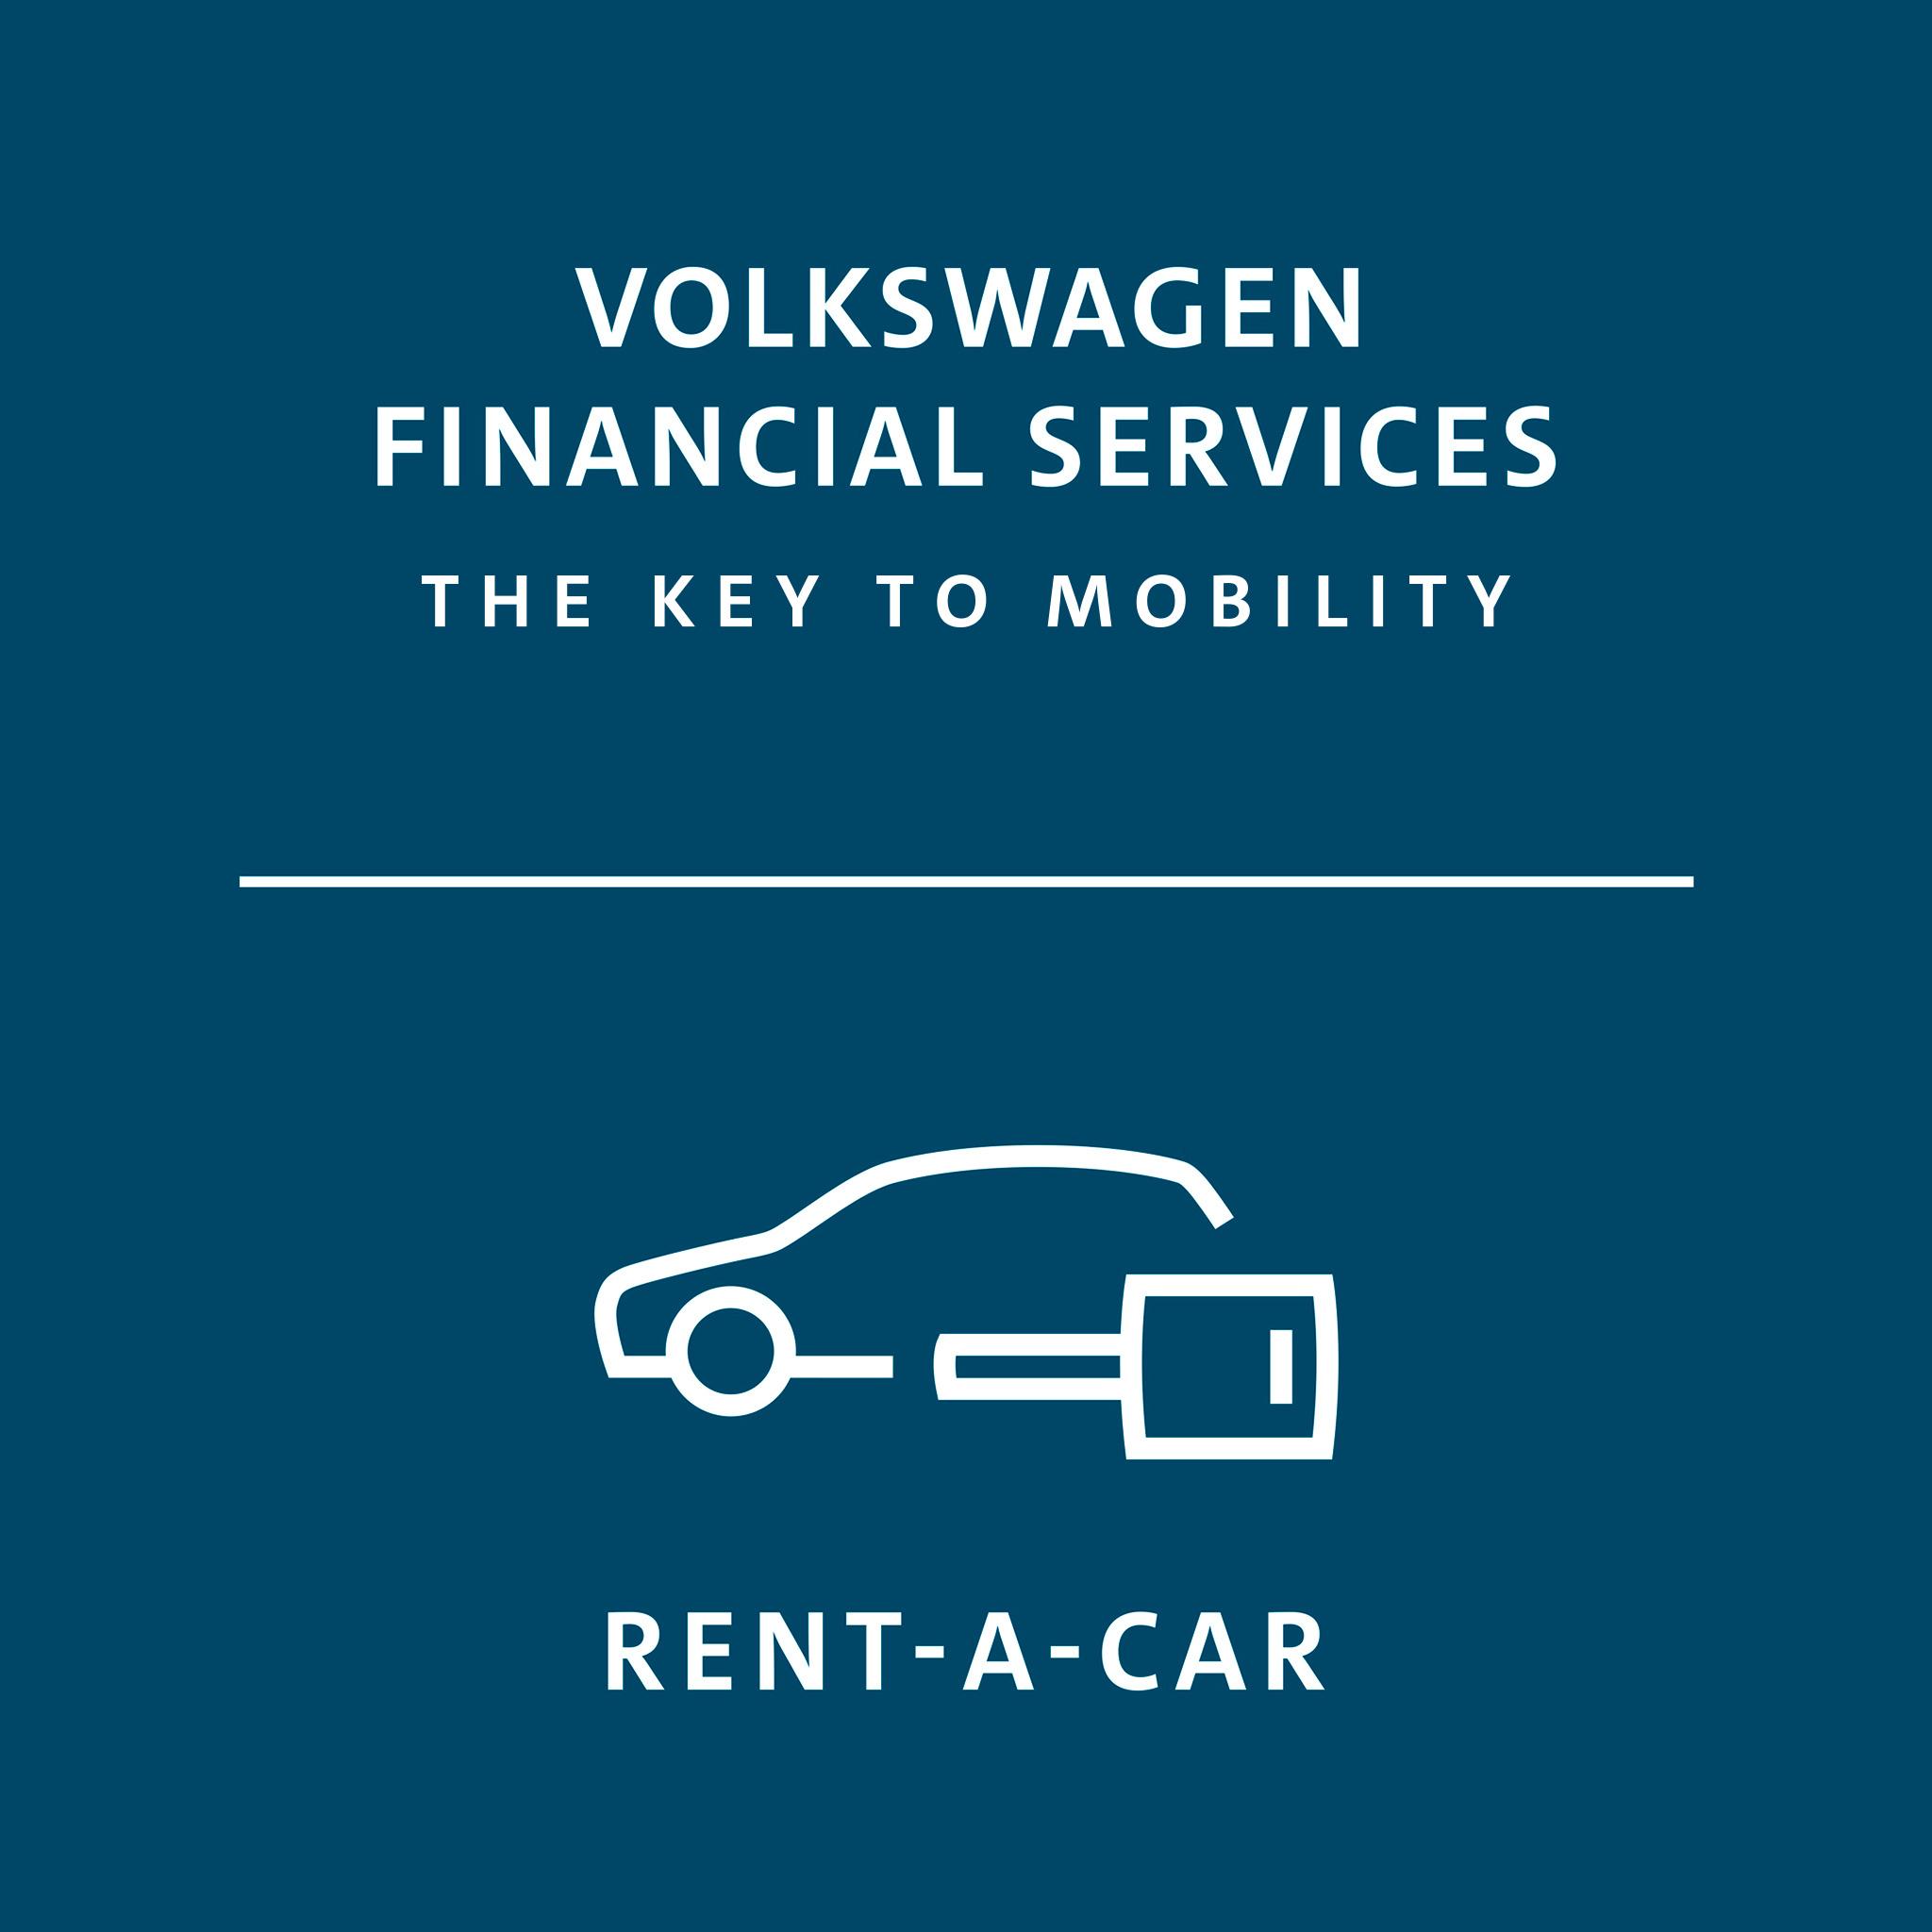 VW FS Rent-a-Car - Stuttgart Wangen